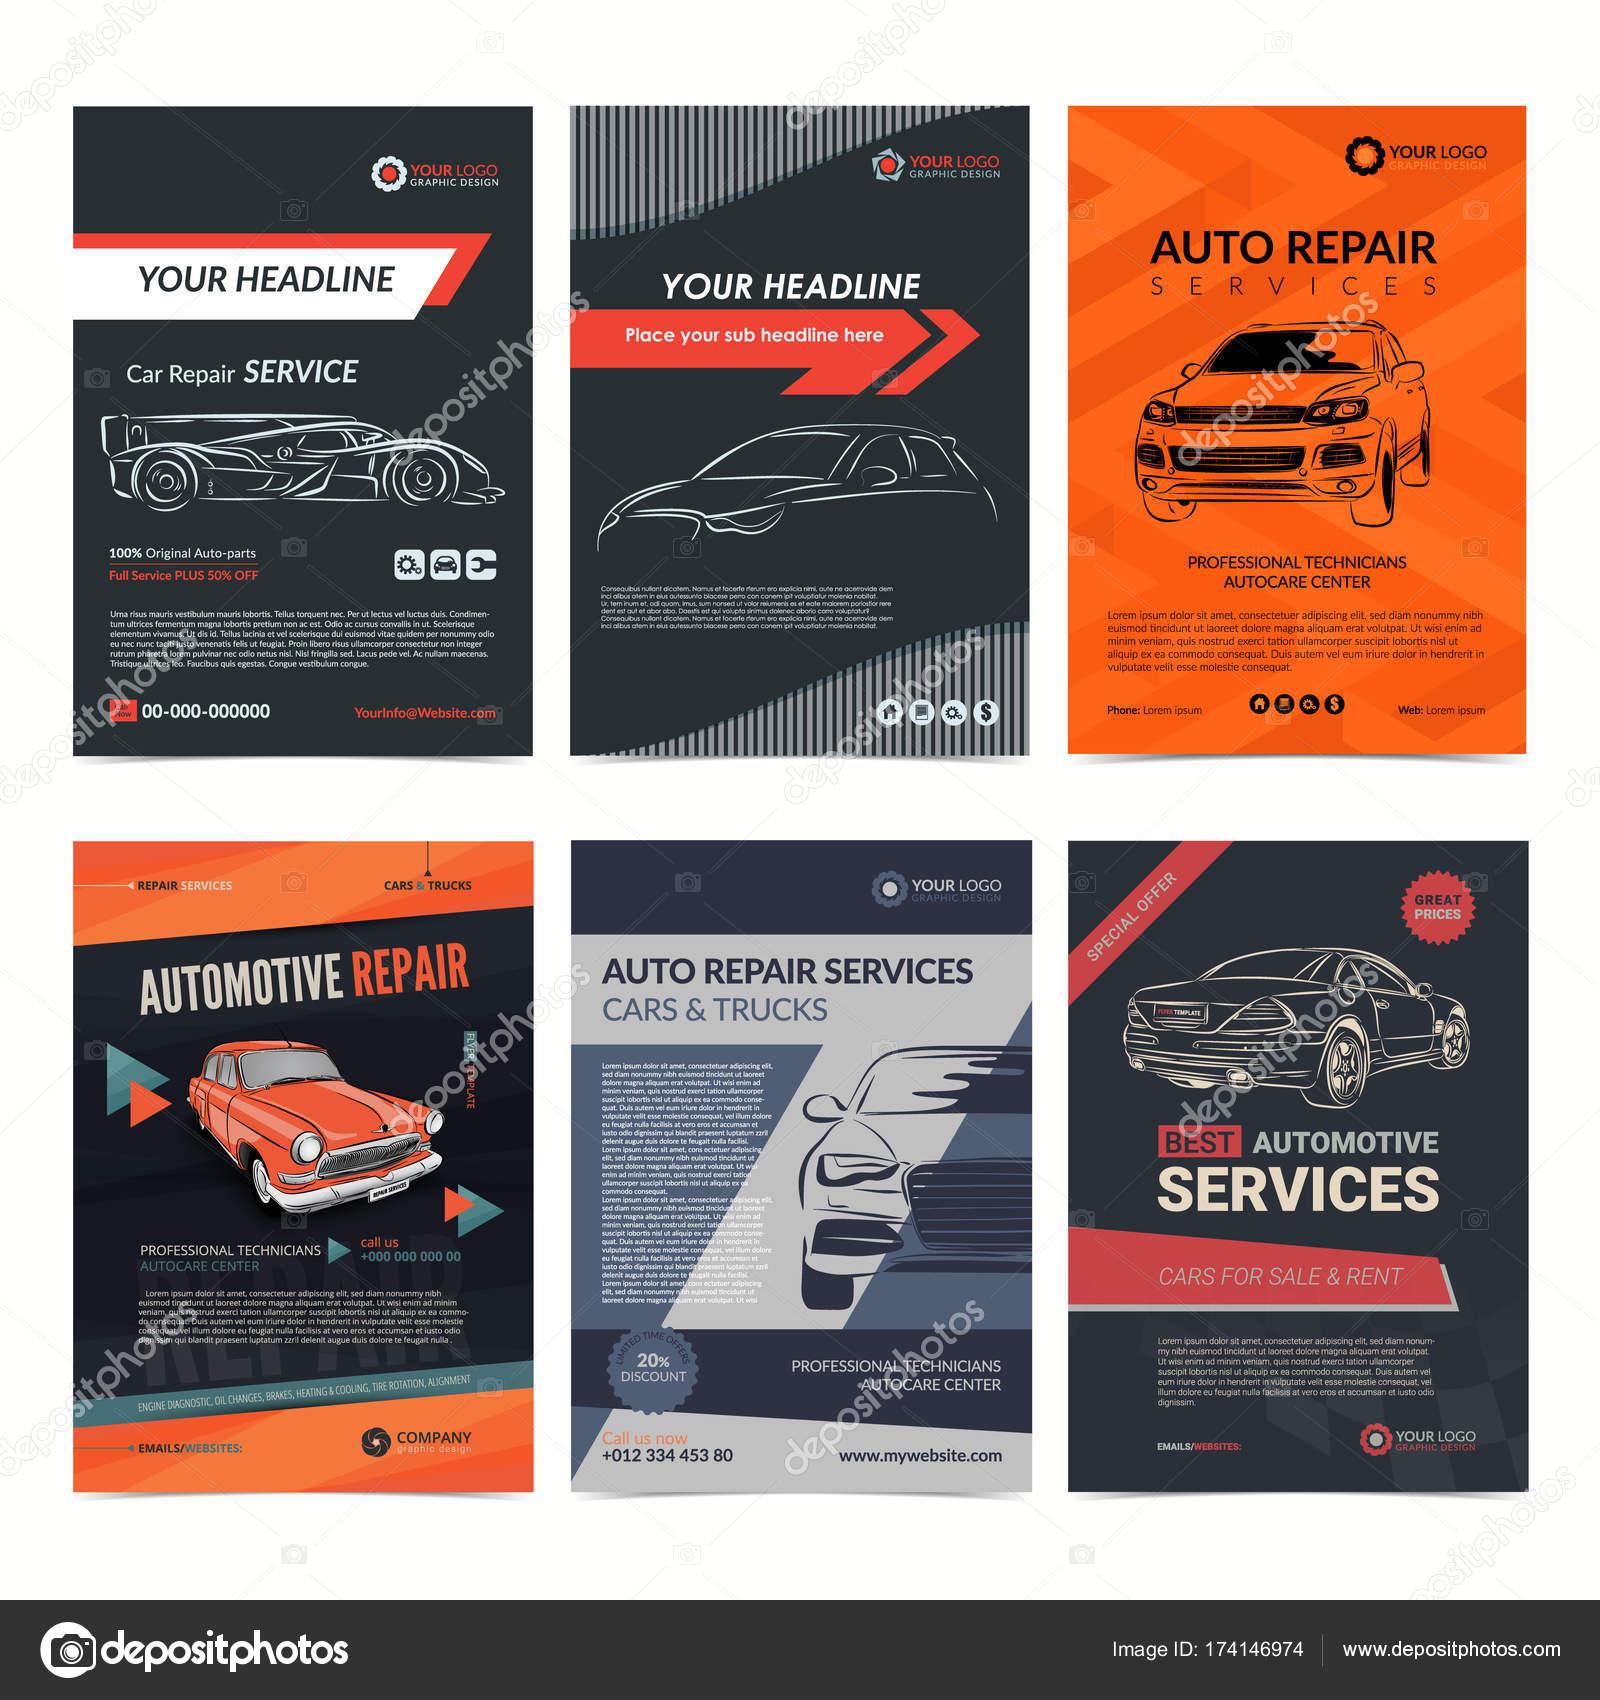 Auto-Reparatur-Services Business-Layout-Vorlagen-Set, Automobil ...